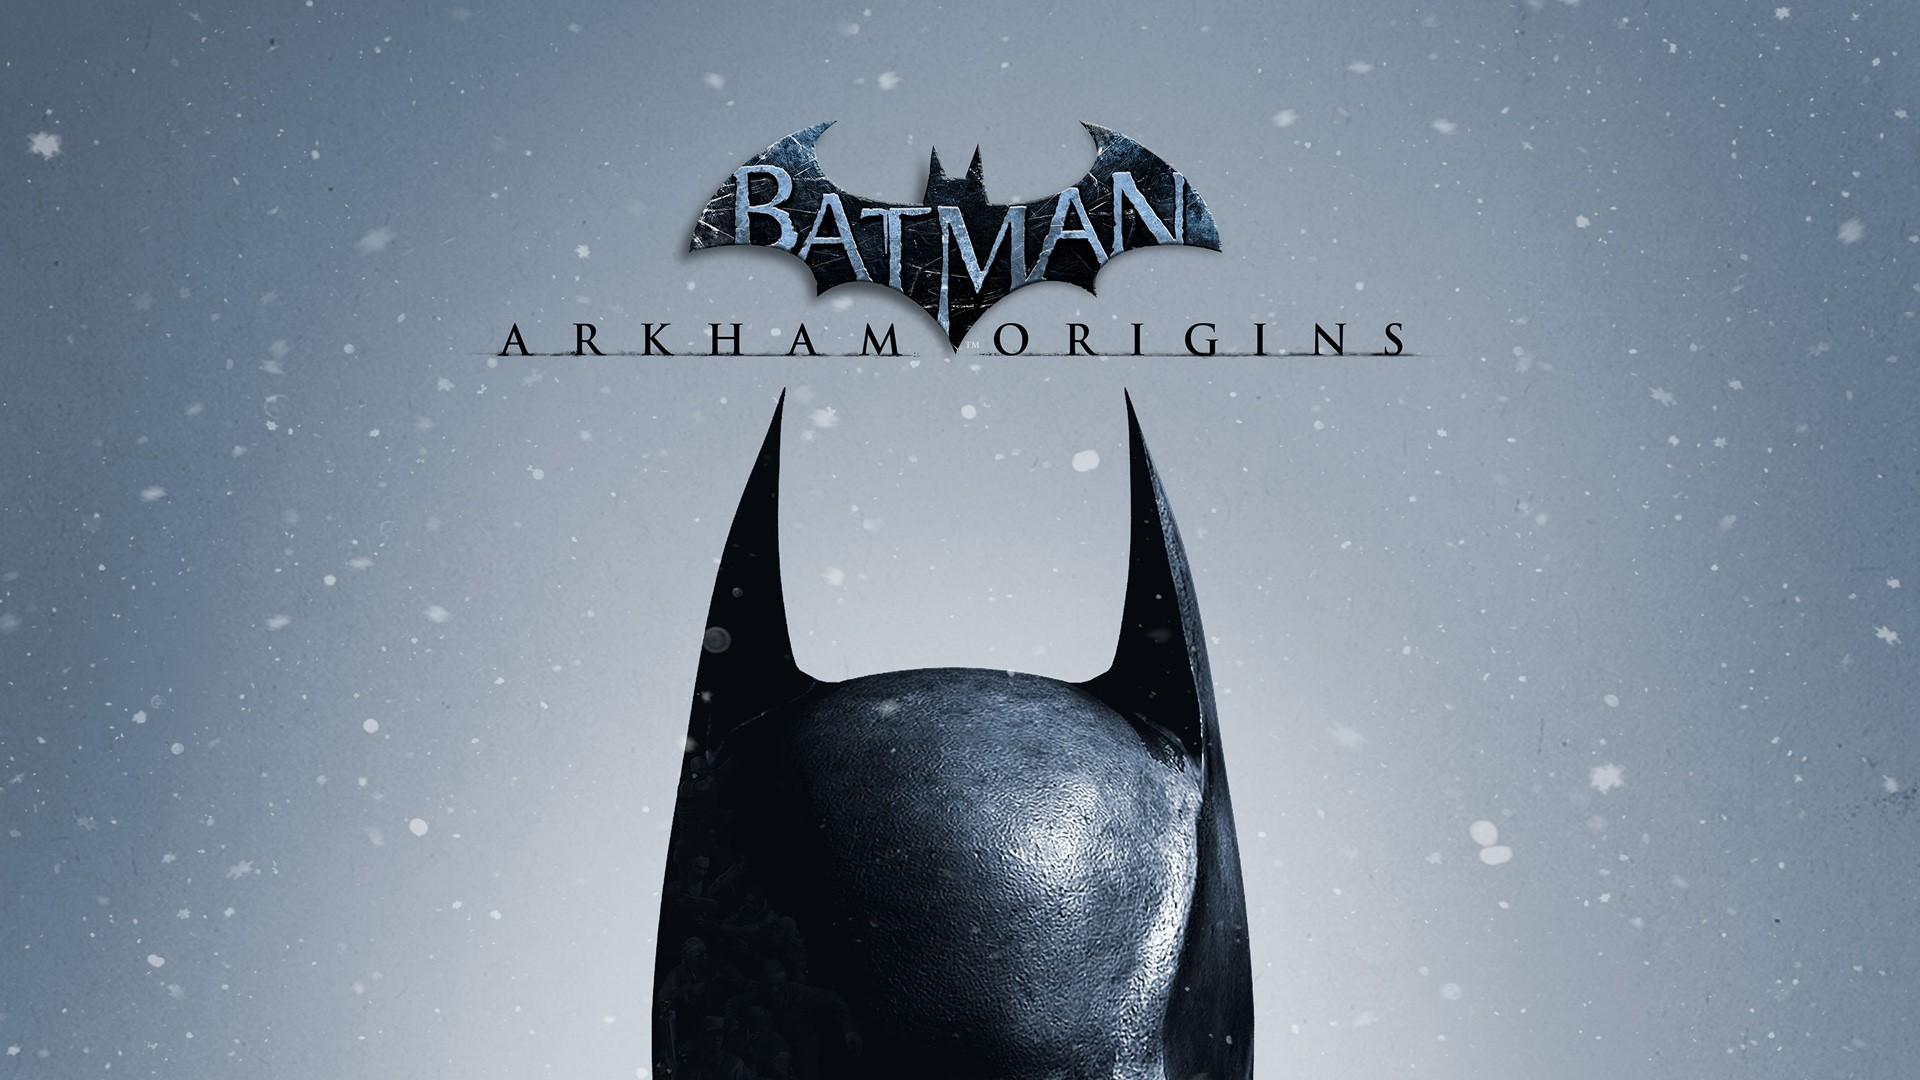 1920x1080 0 Batman Arkham Origins Wallpapers HD